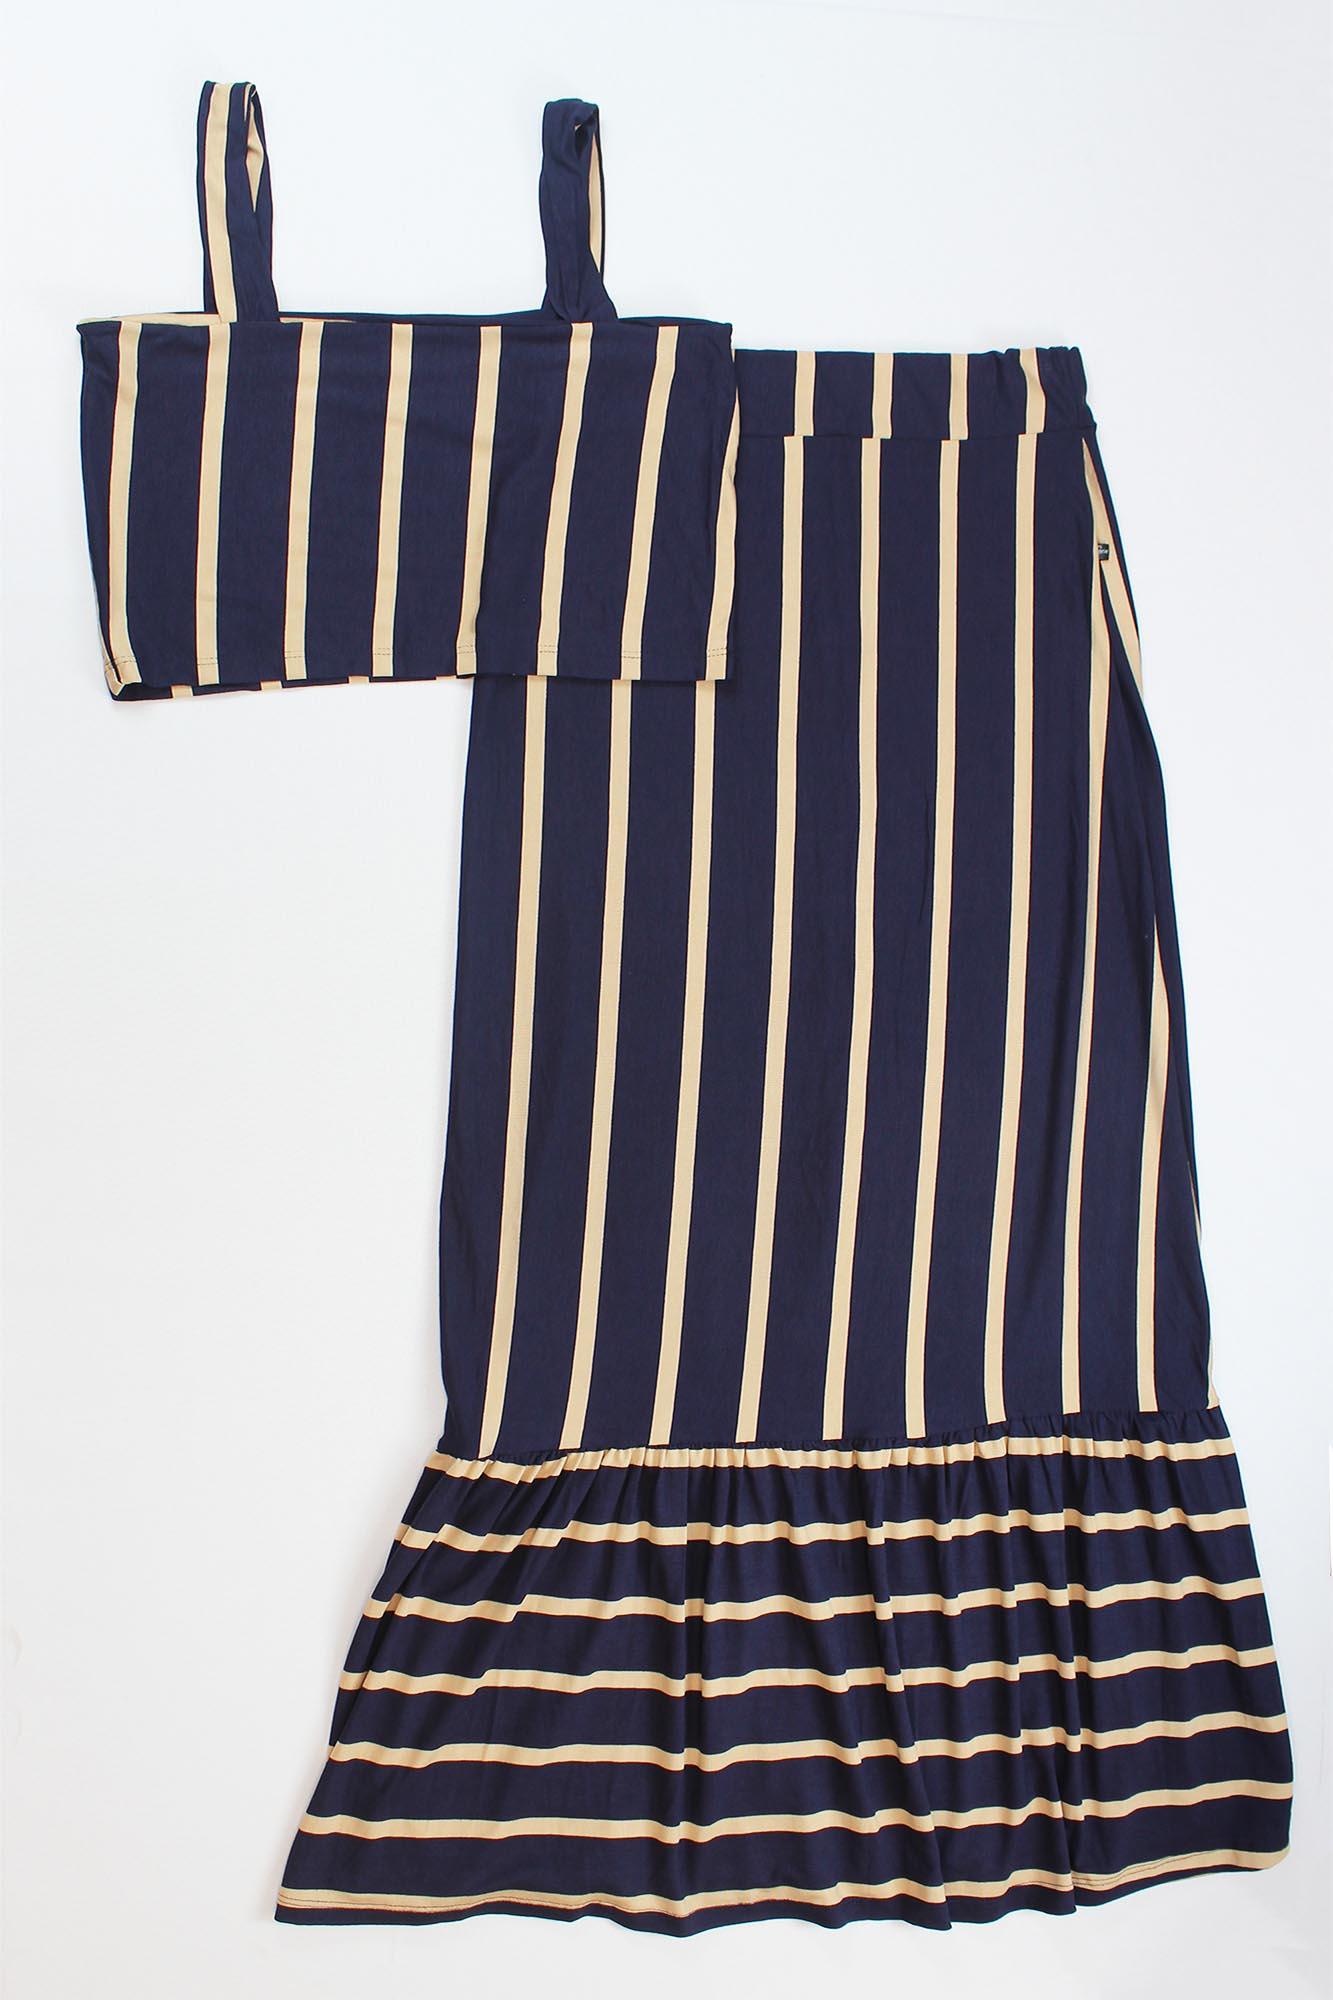 Conjunto Cropped de Alça e Saia com Botão Feminino - Azul Marinho e Dourado